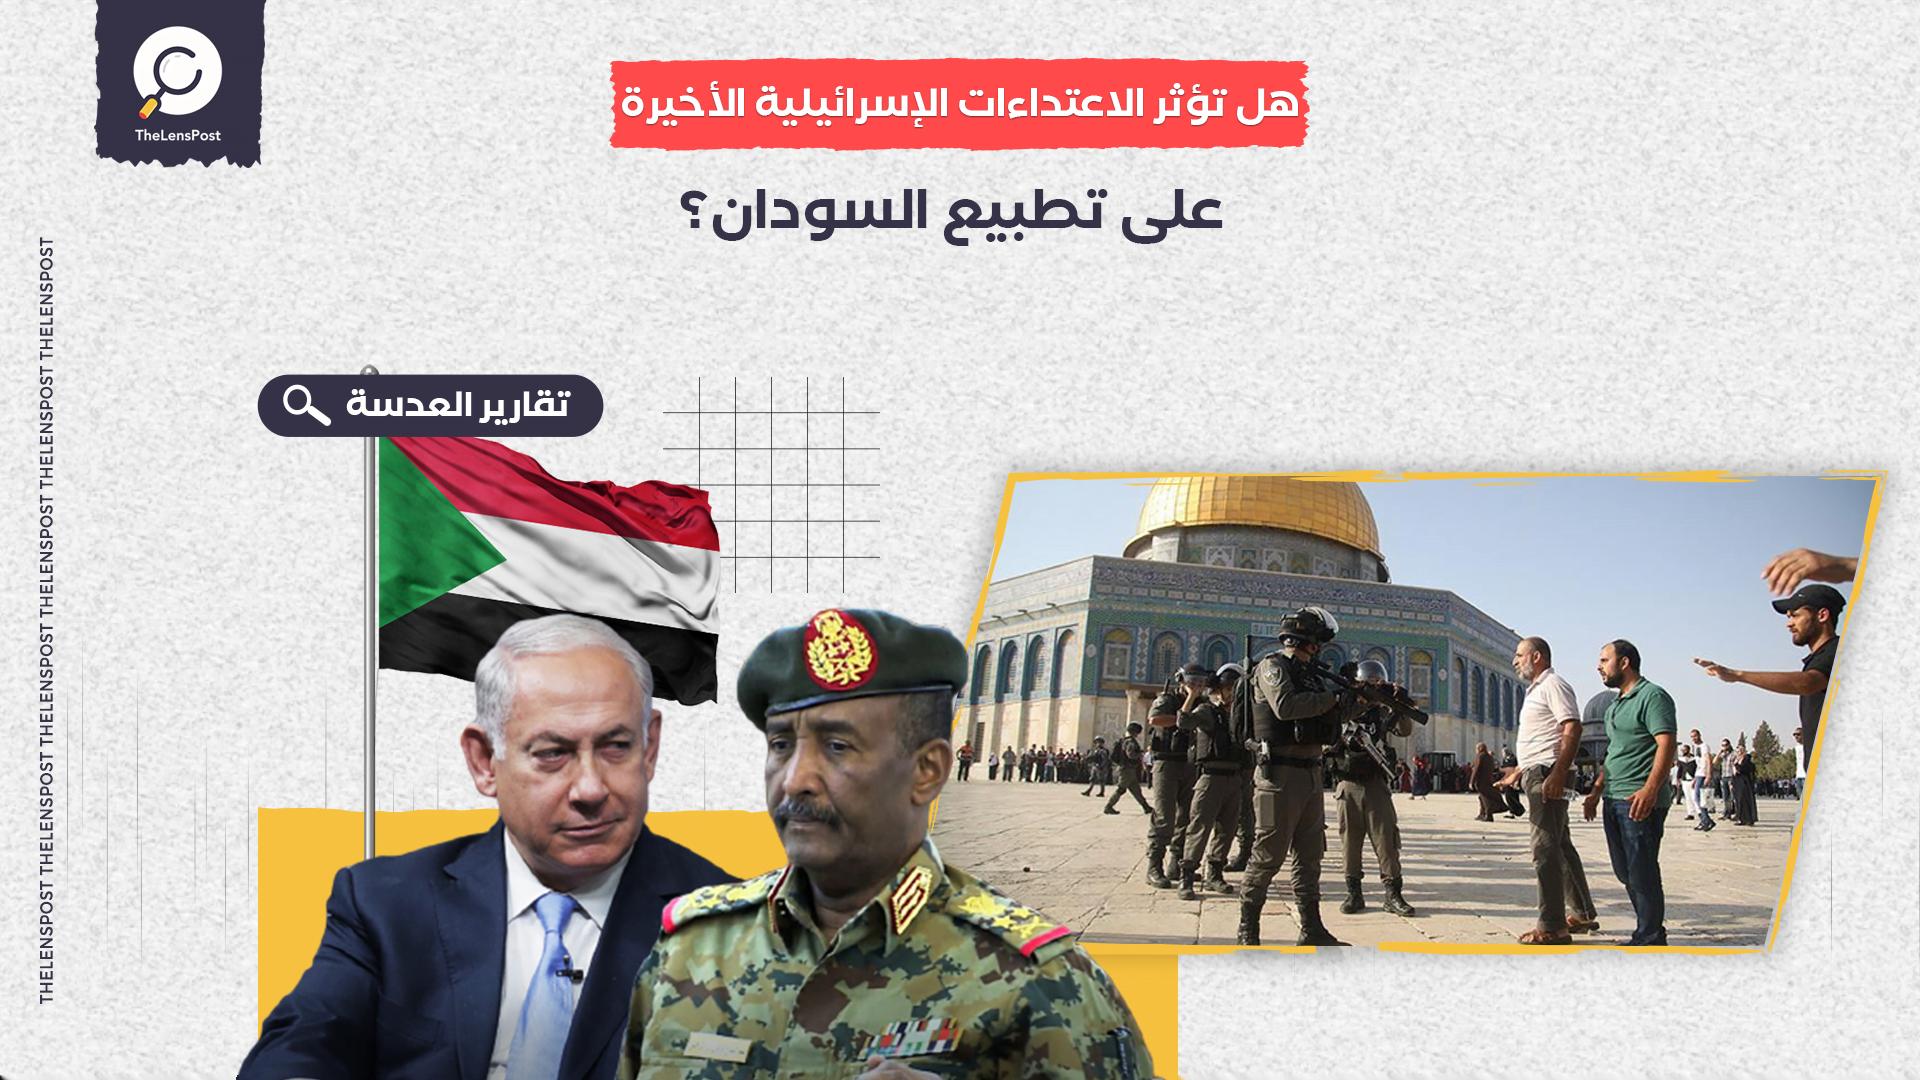 هل تؤثر الاعتداءات الإسرائيلية الأخيرة على تطبيع السودان؟